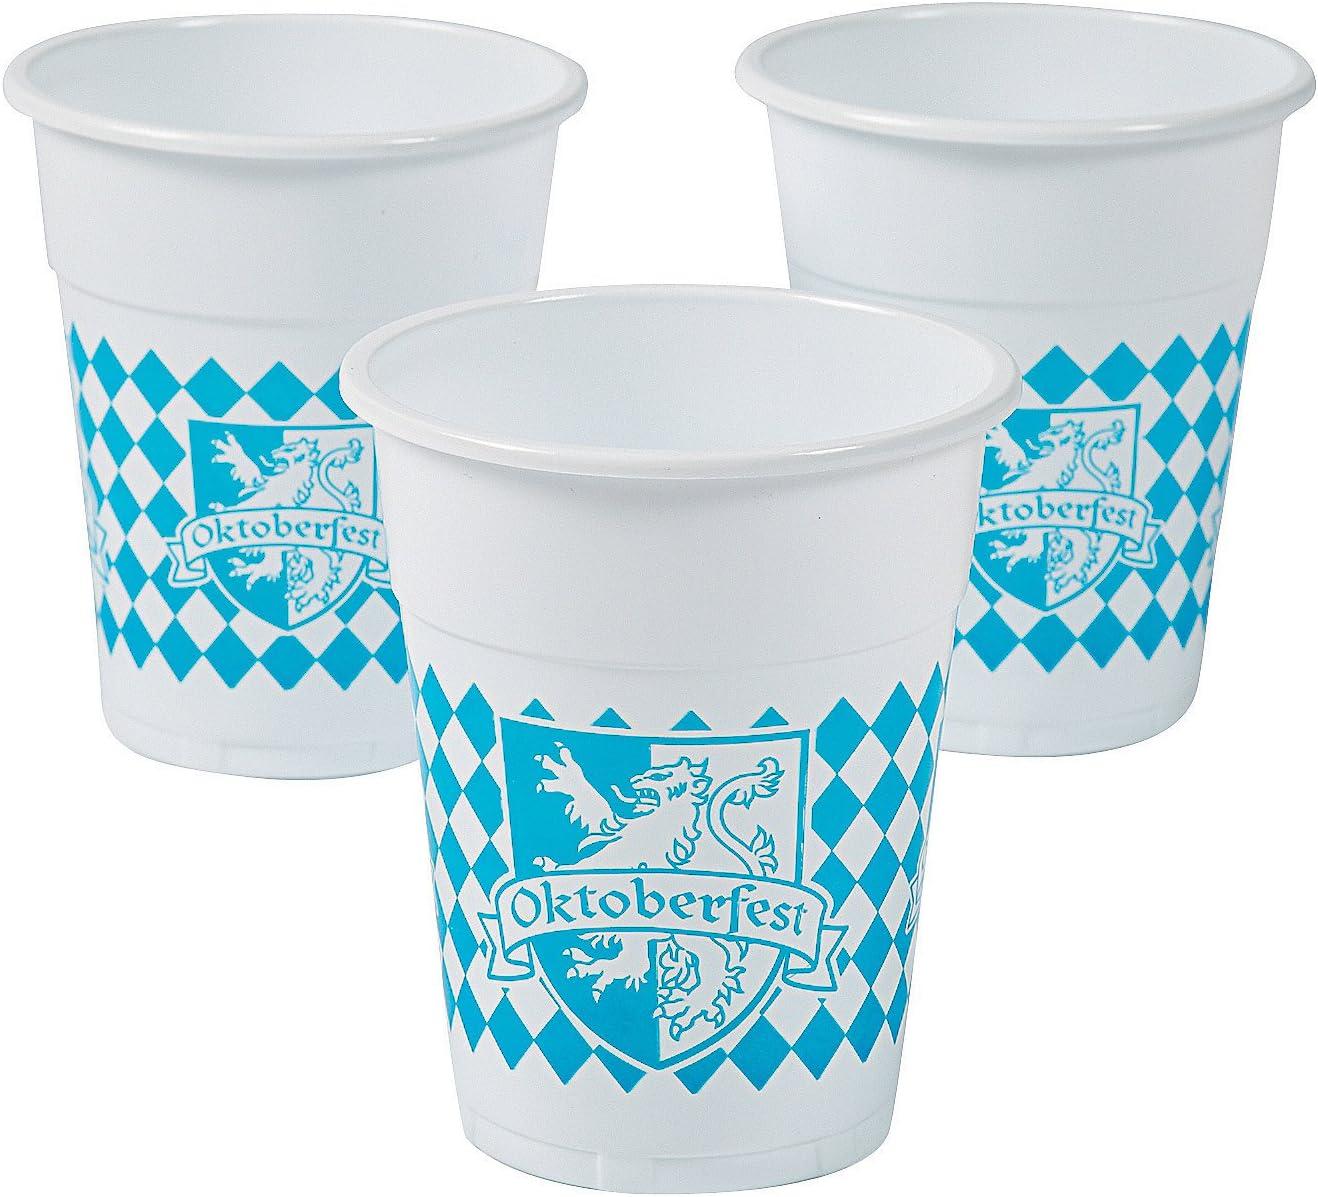 OKTOBERFEST CUPS